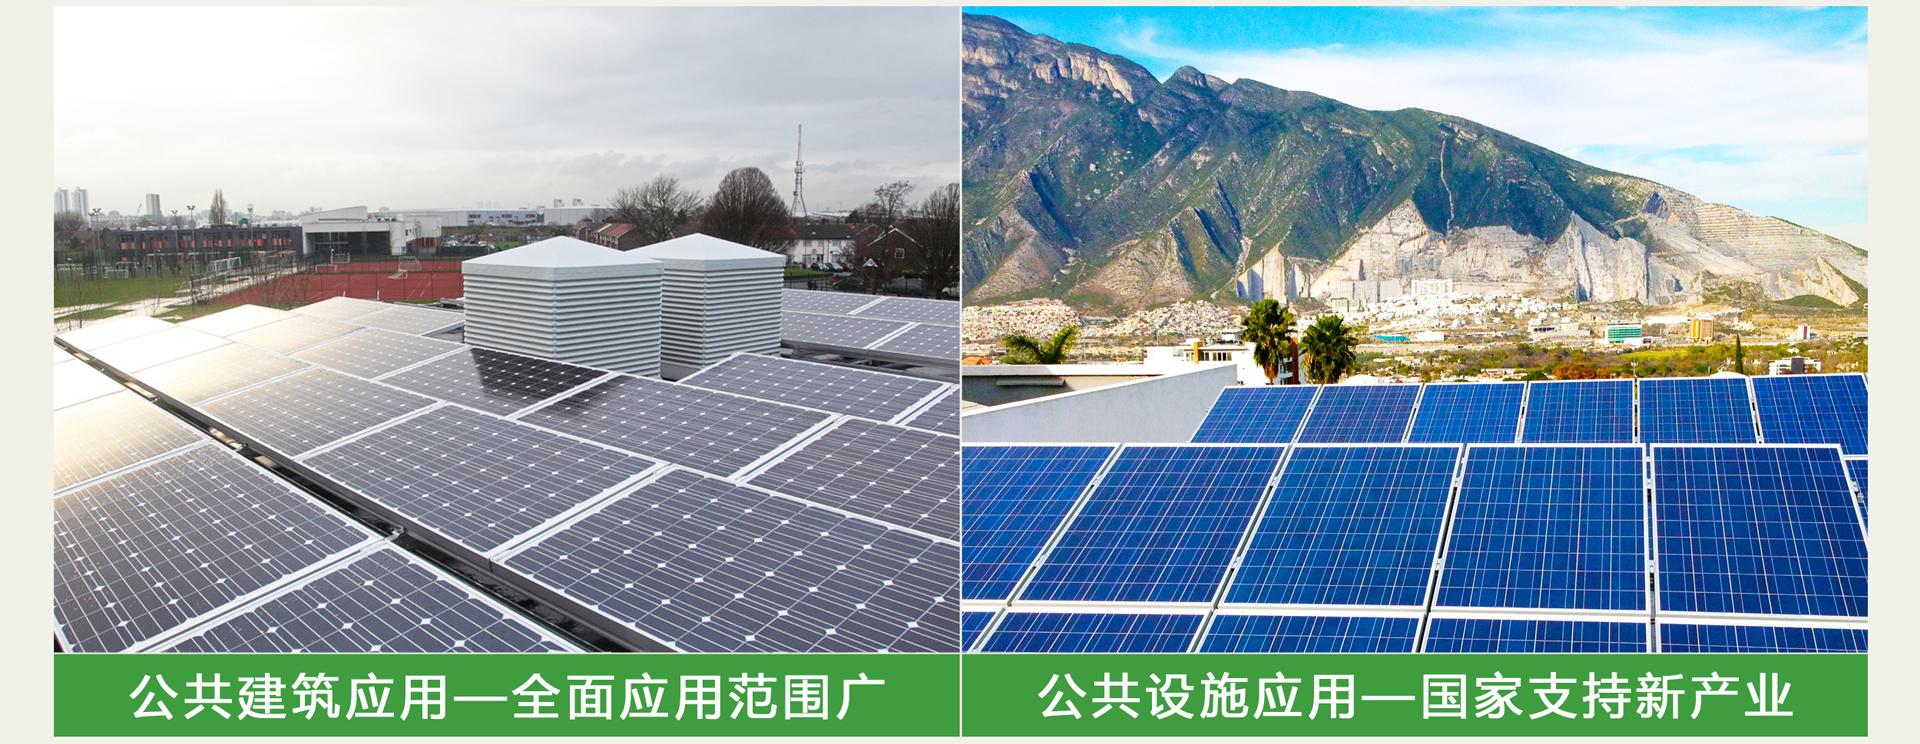 太阳能光伏发电,光伏招商加盟